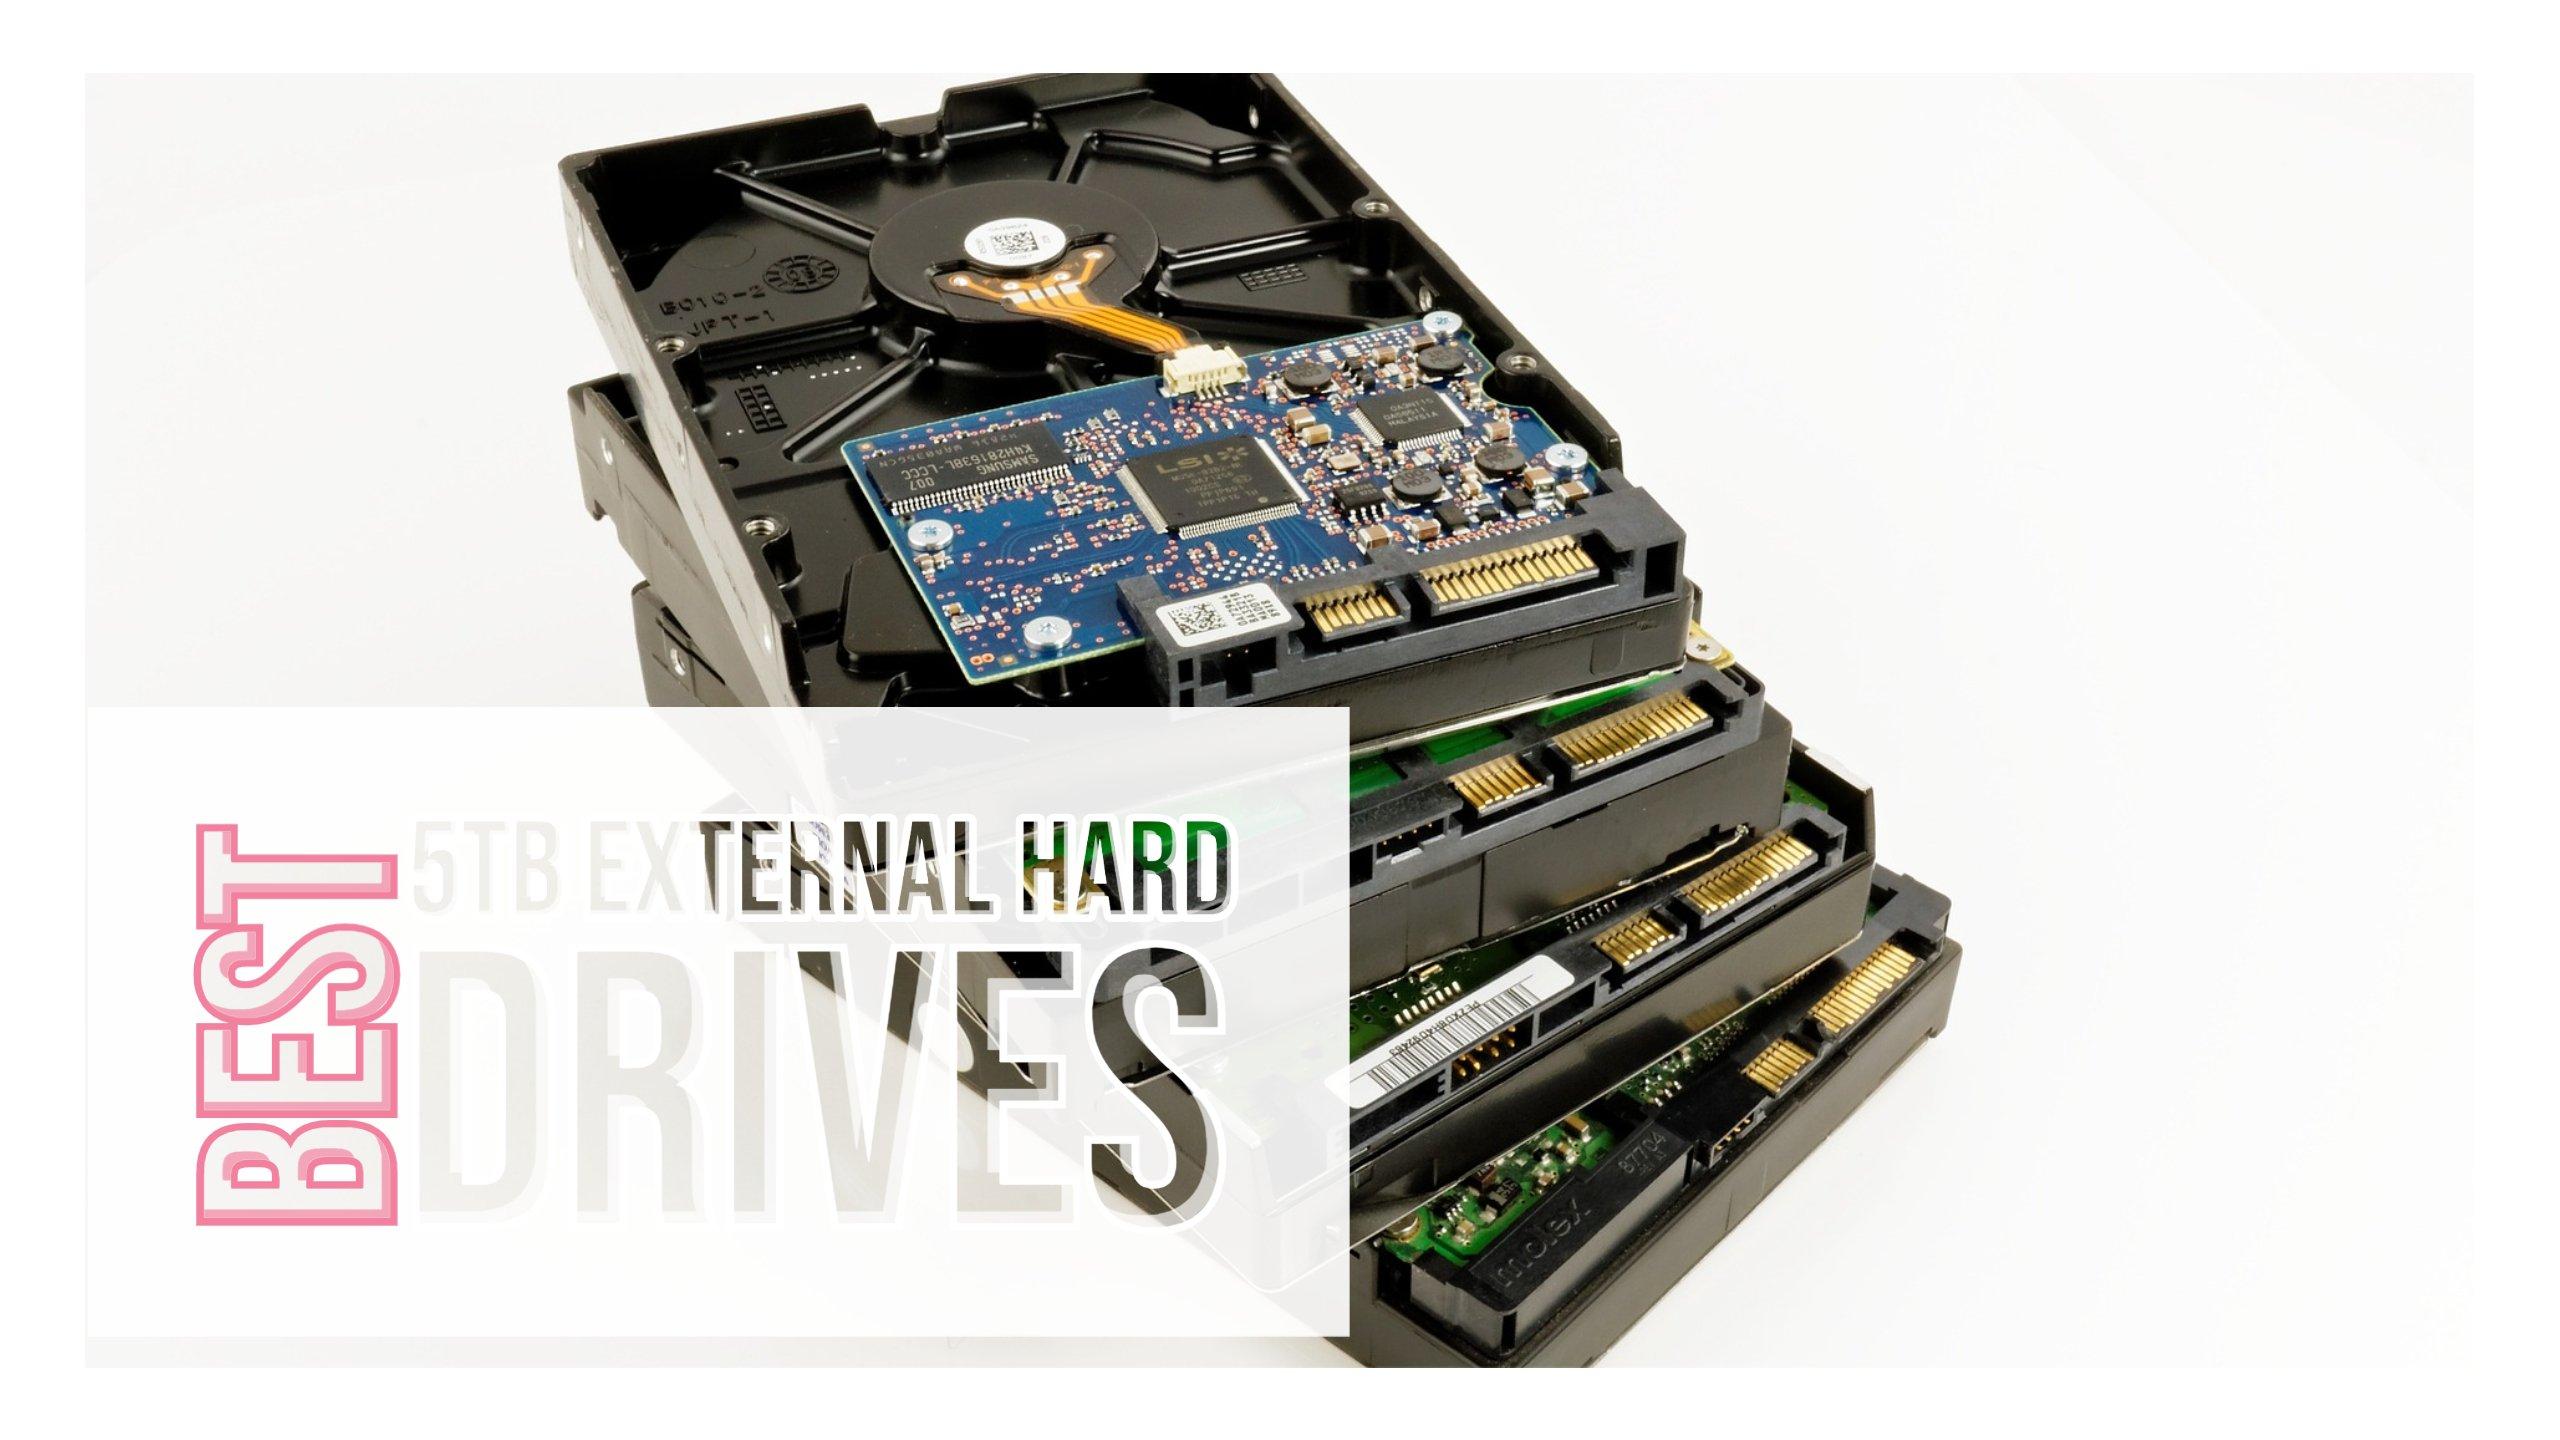 Best 5TB External Hard drives